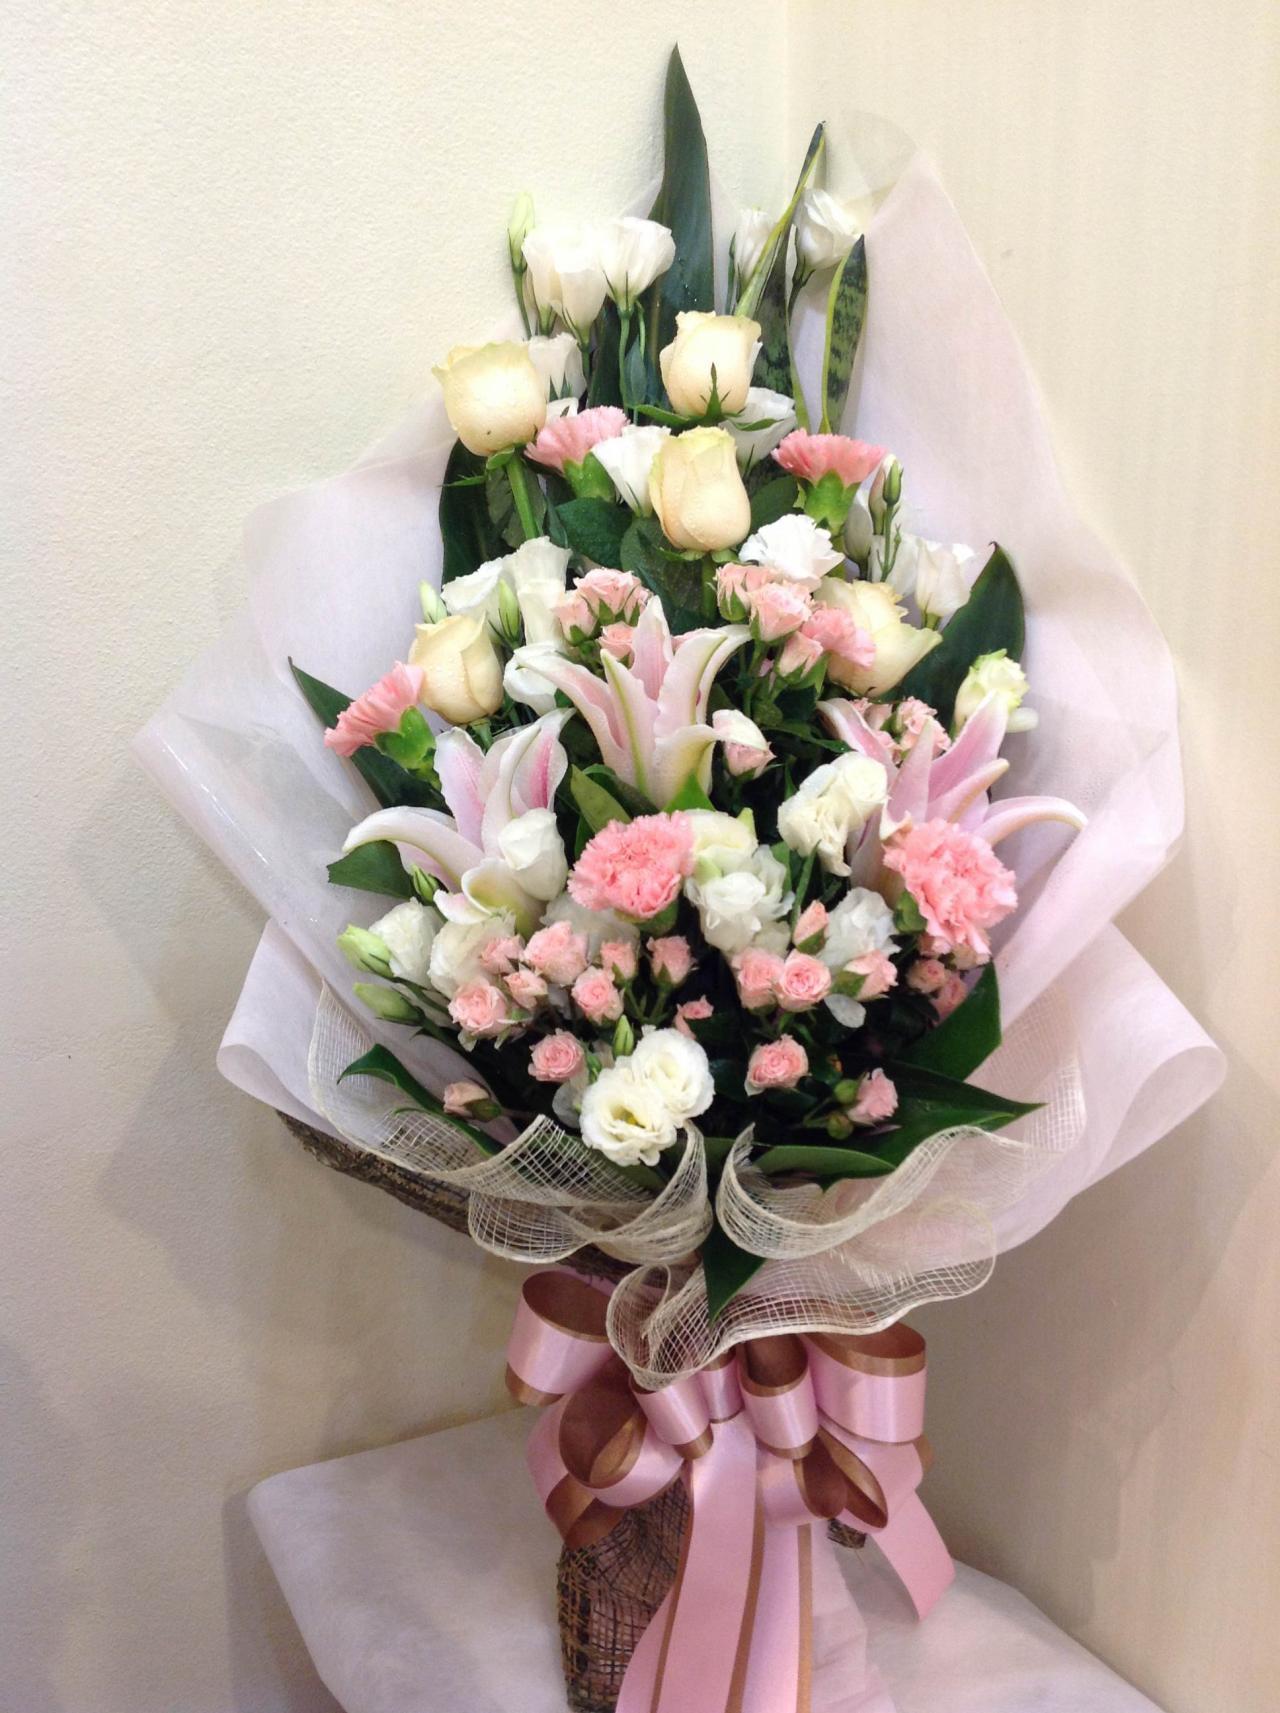 صورة باقات زهور , اجمل الورود تهادي بيها حبابيك 6309 2